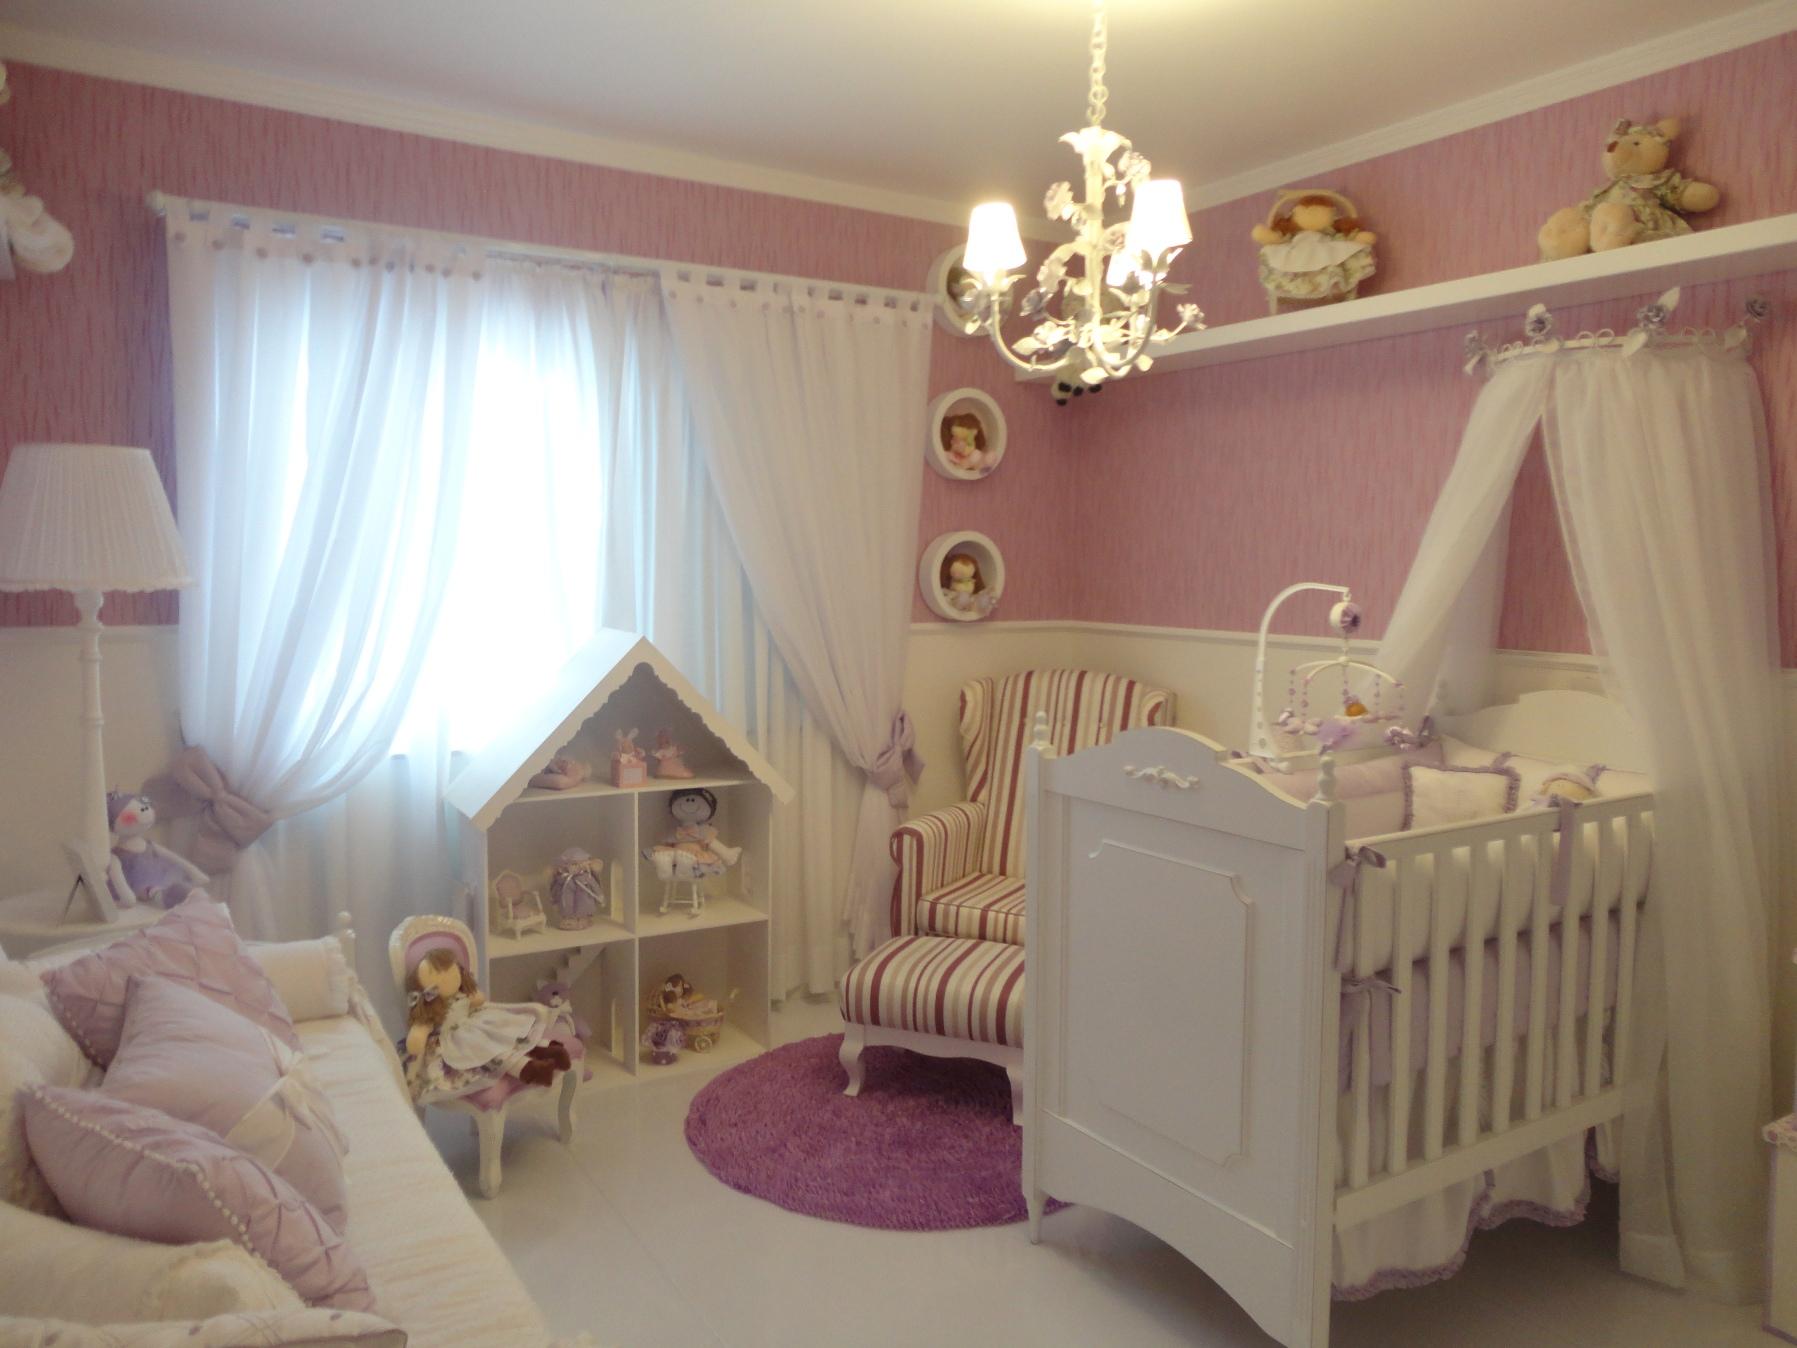 Passo A Passo Para Decorar O Quarto De Beb Dos Sonhos ~ Decoração De Quarto De Bebe Pequeno